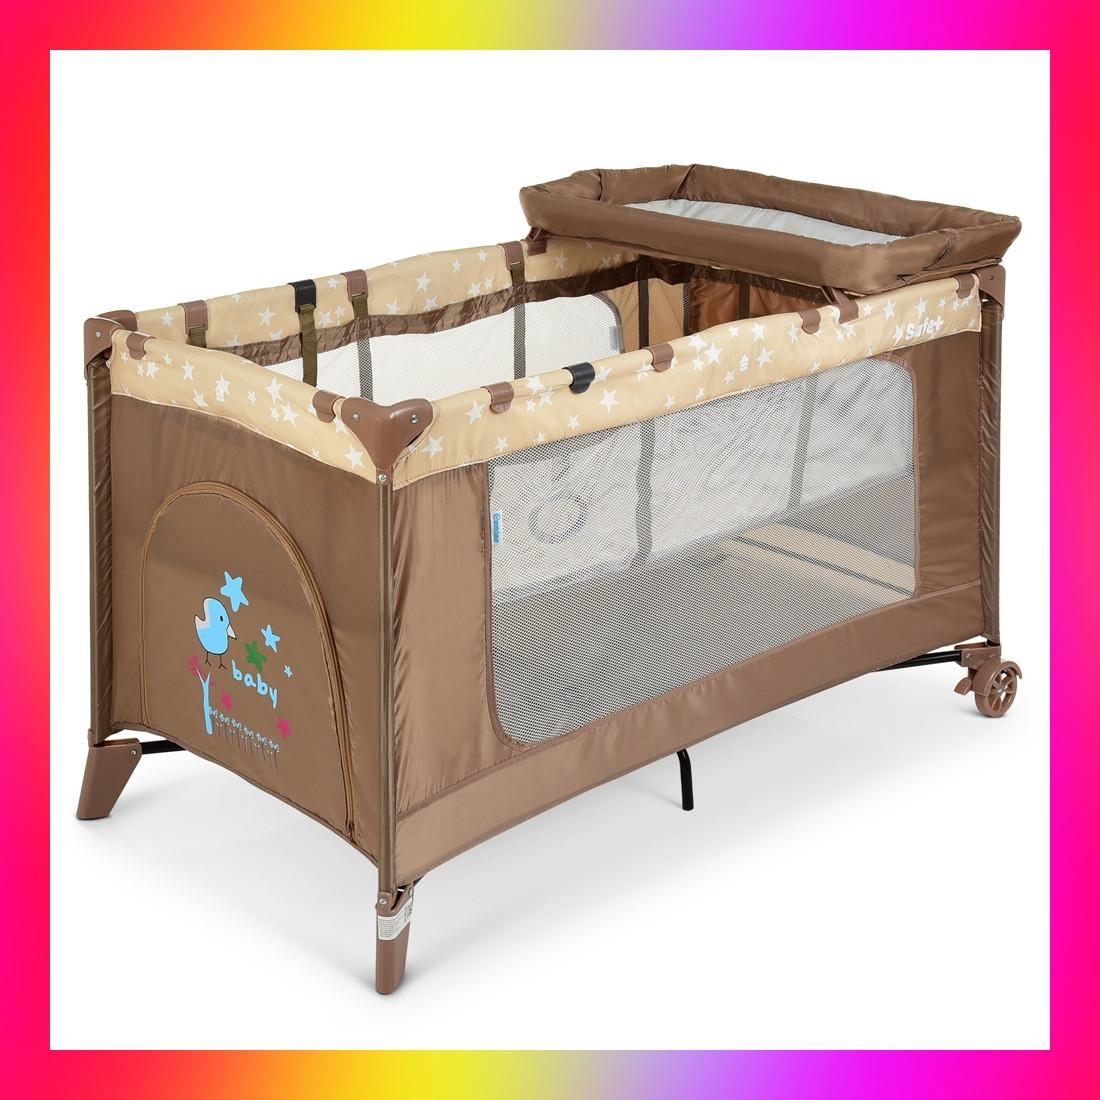 Дитяча манеж-ліжко з пеленальним столиком 2 в 1 El Camino Safe Plus ME 1054 Stars Gray бежевий